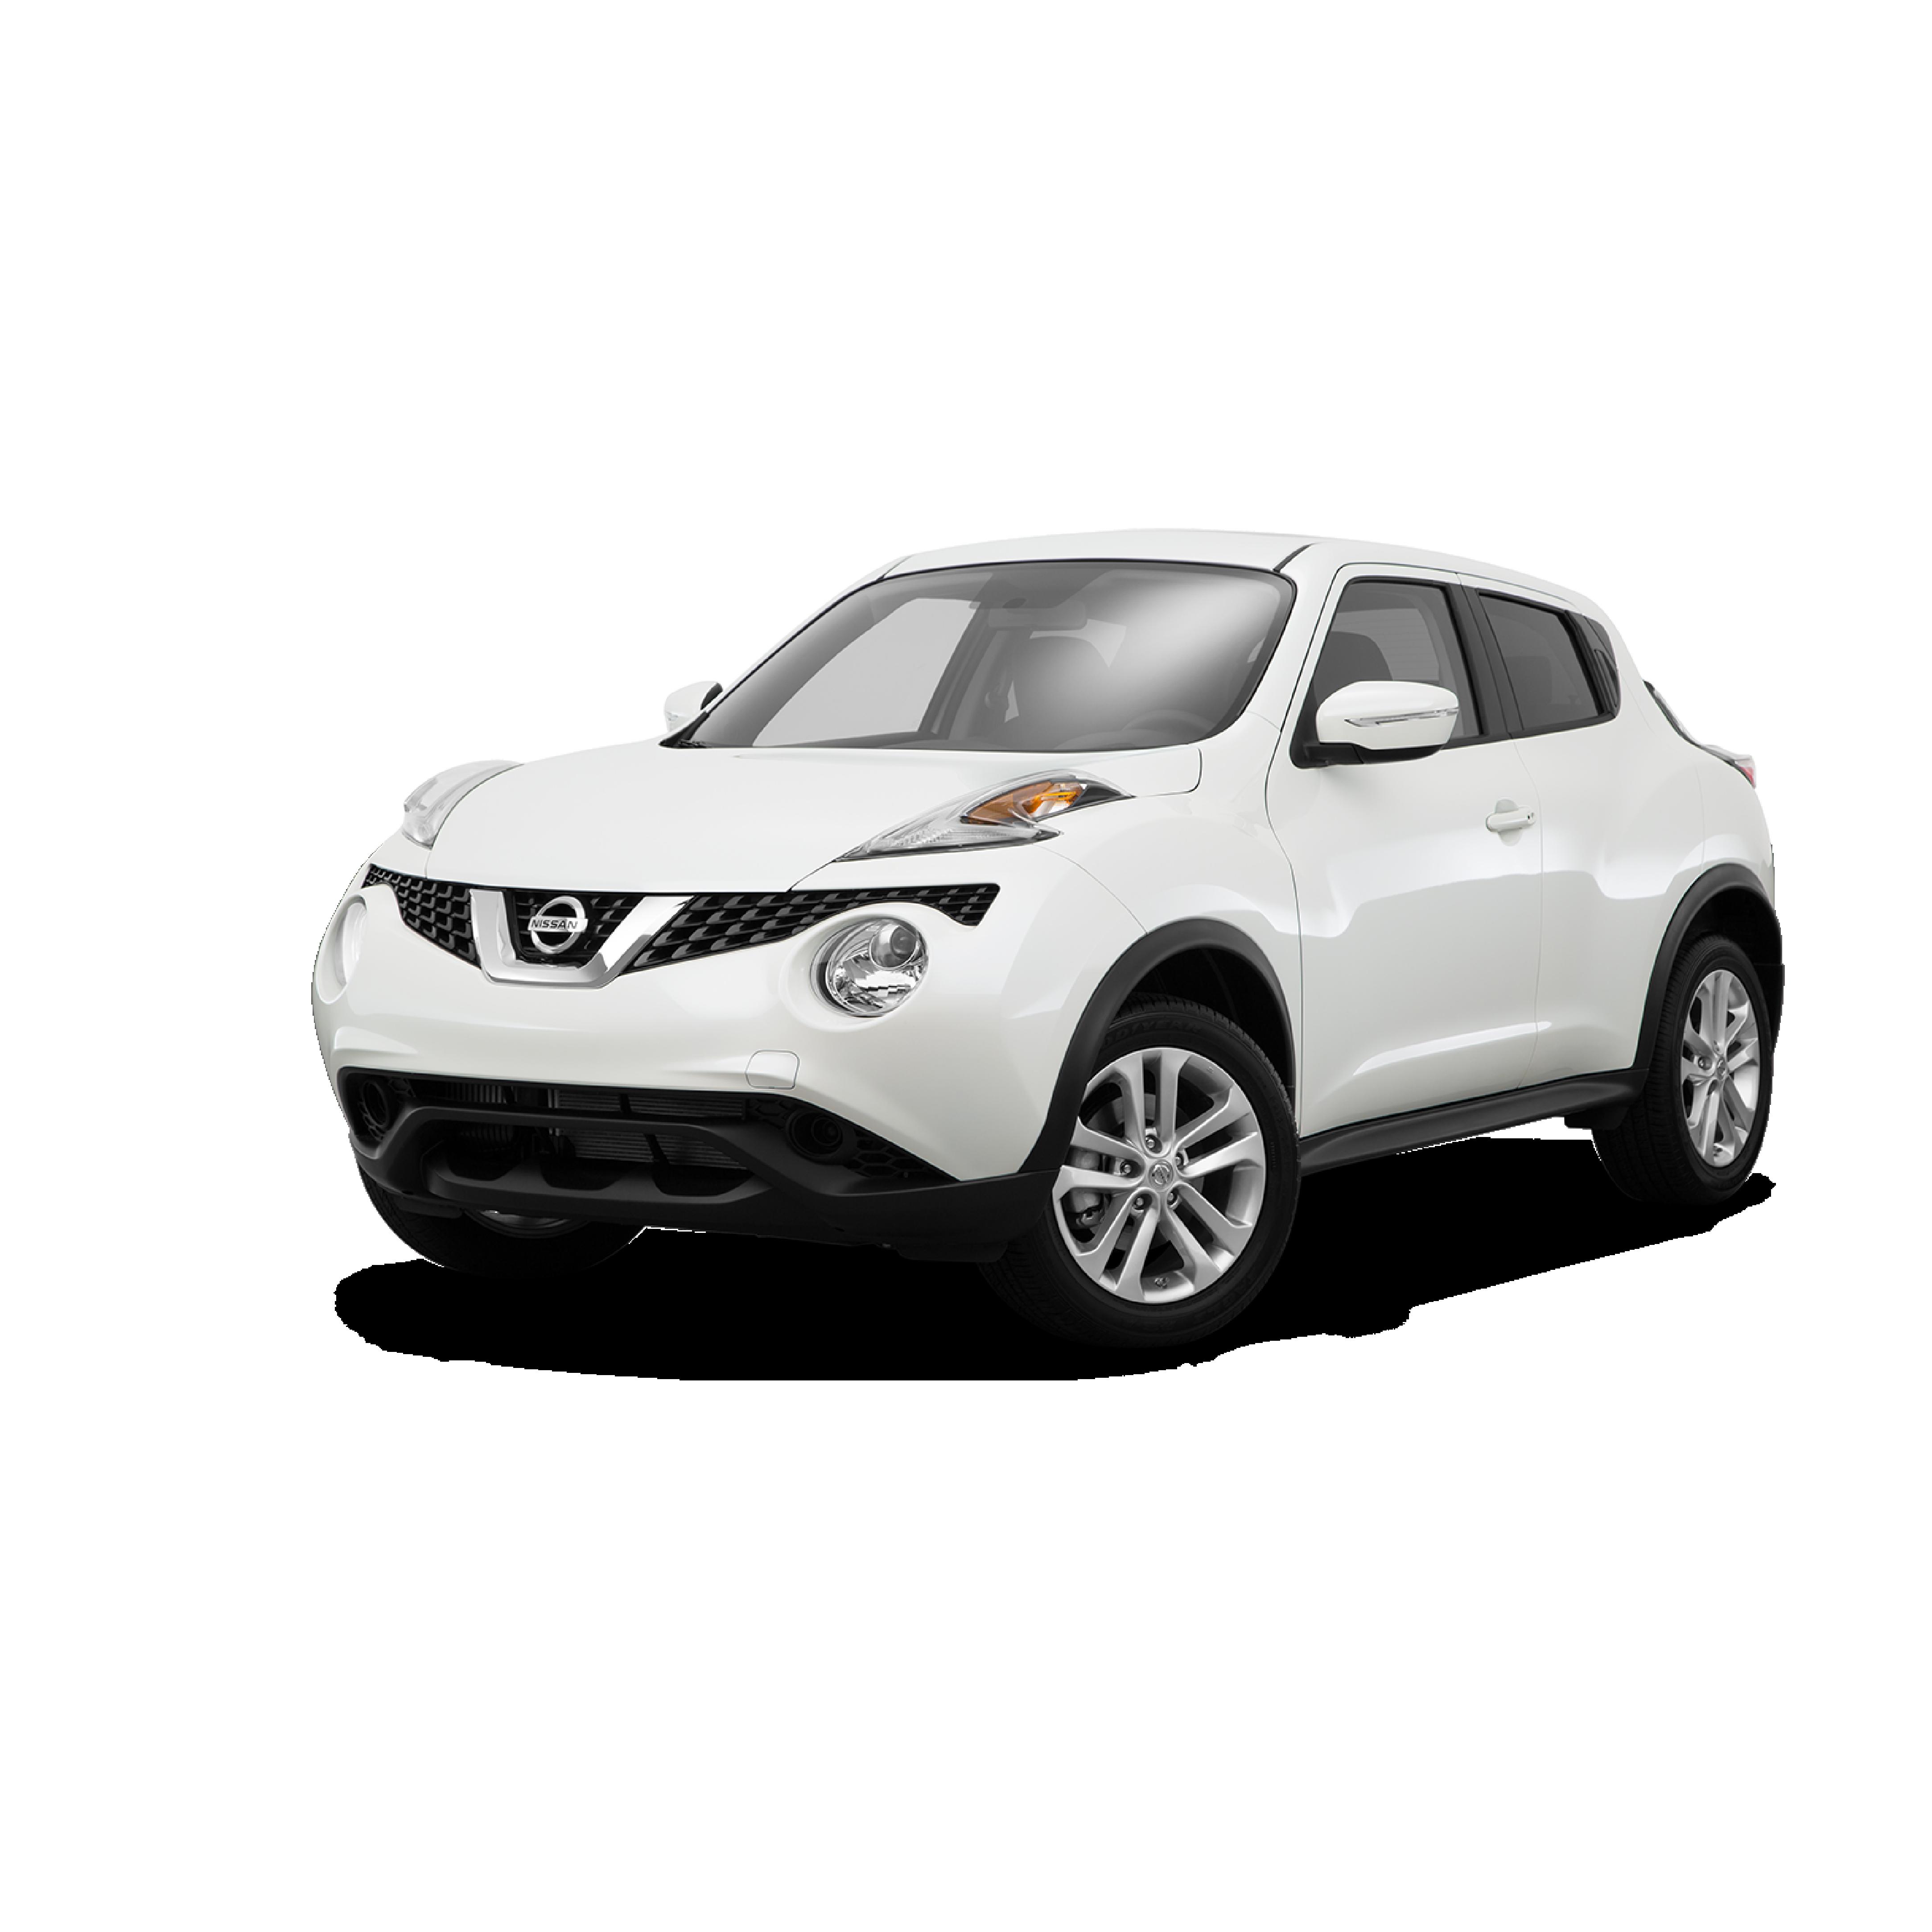 Nissan Juke or similar